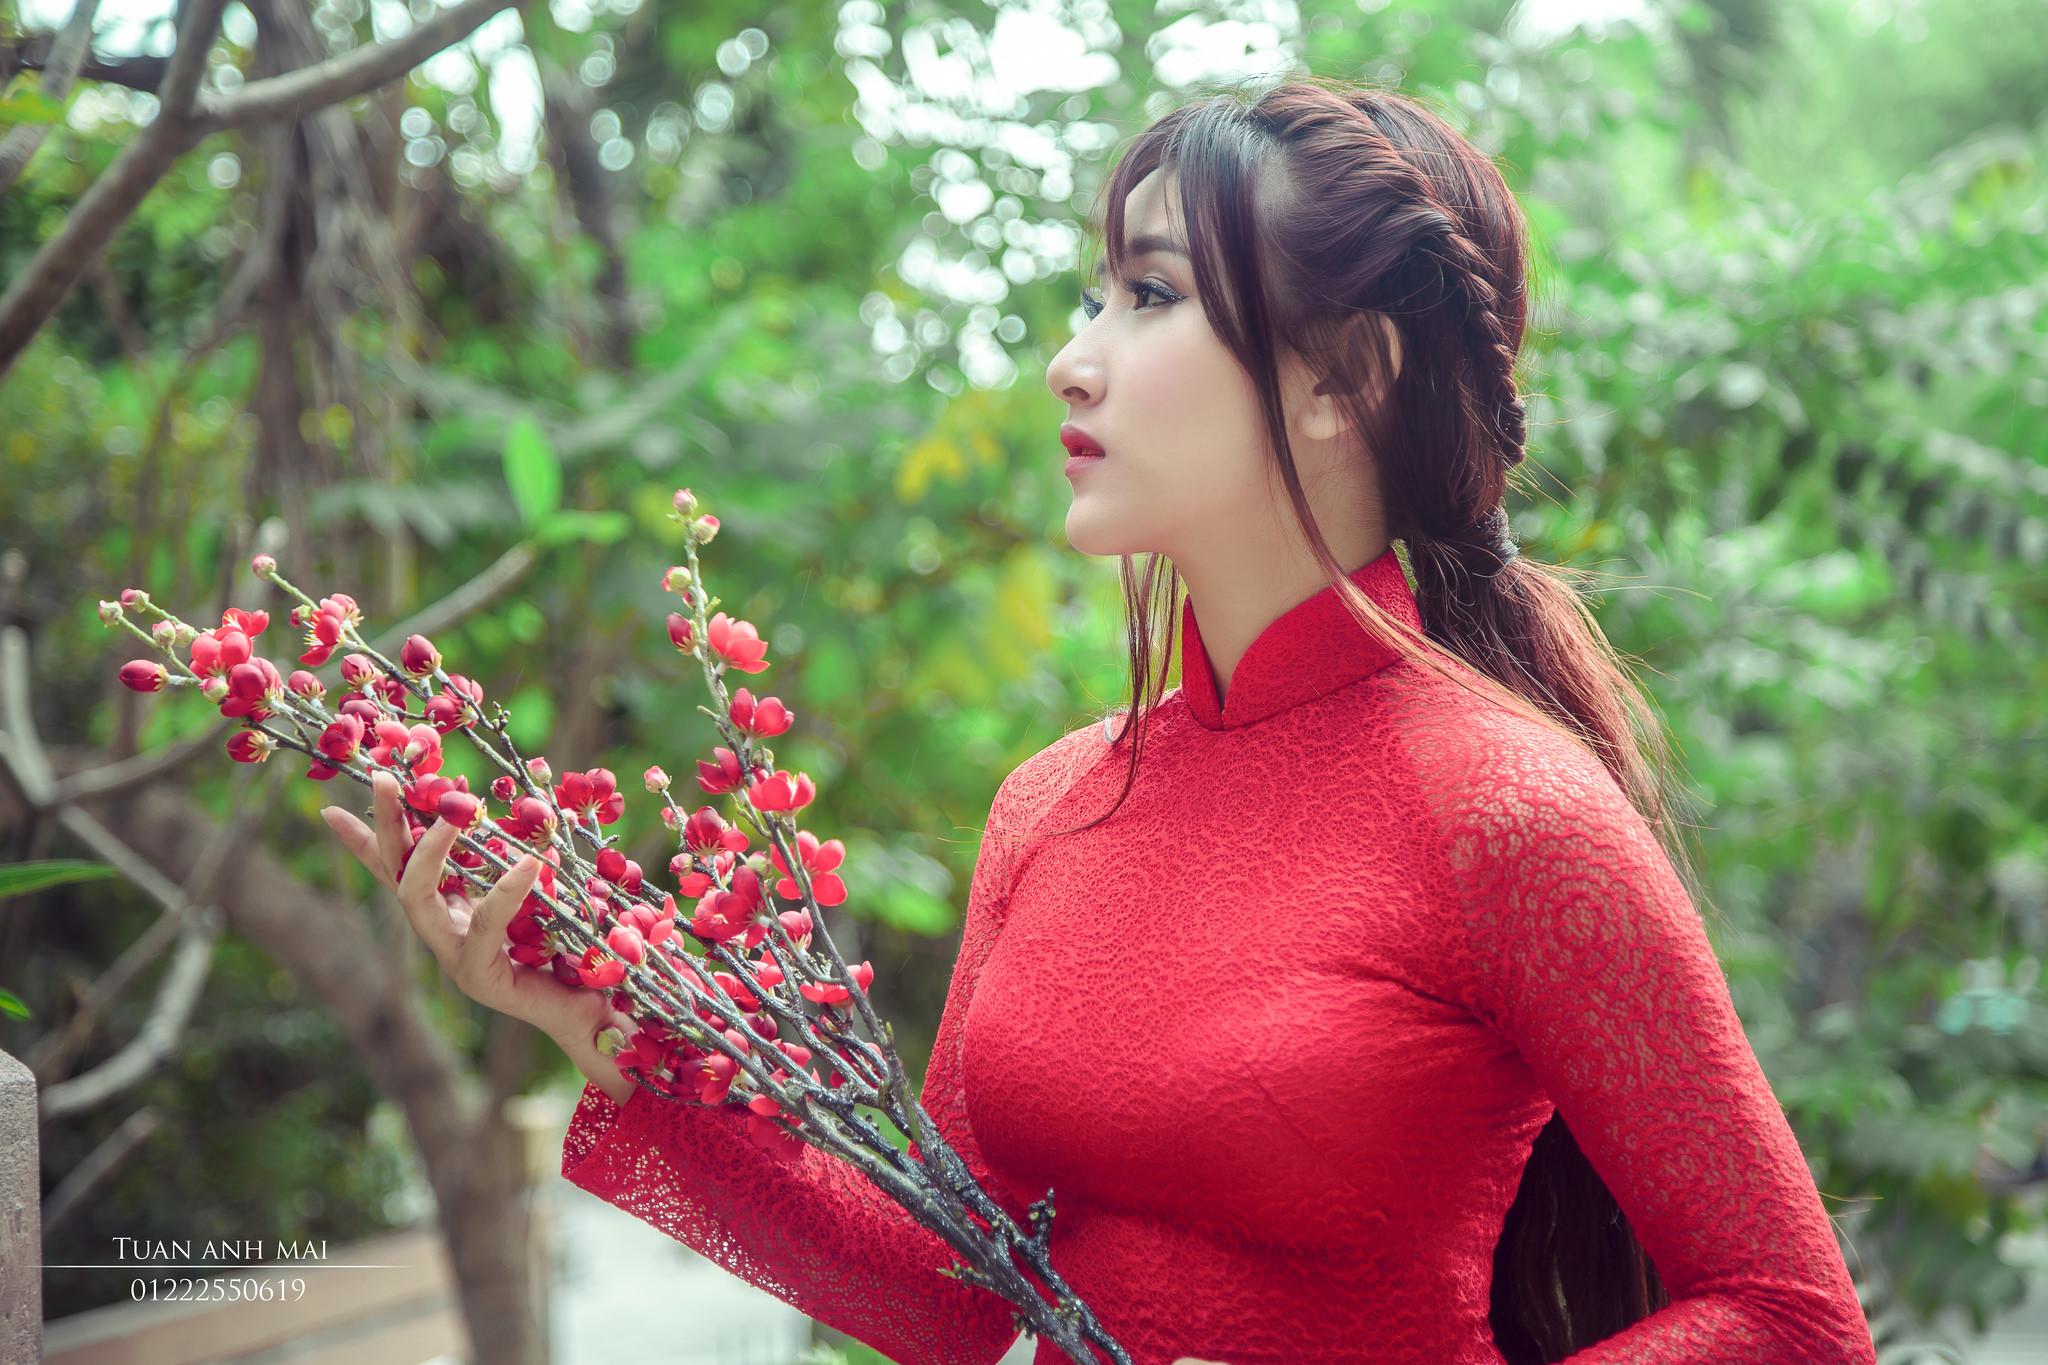 Tuyển tập girl xinh gái đẹp Việt Nam mặc áo dài đẹp mê hồn #60 - 19